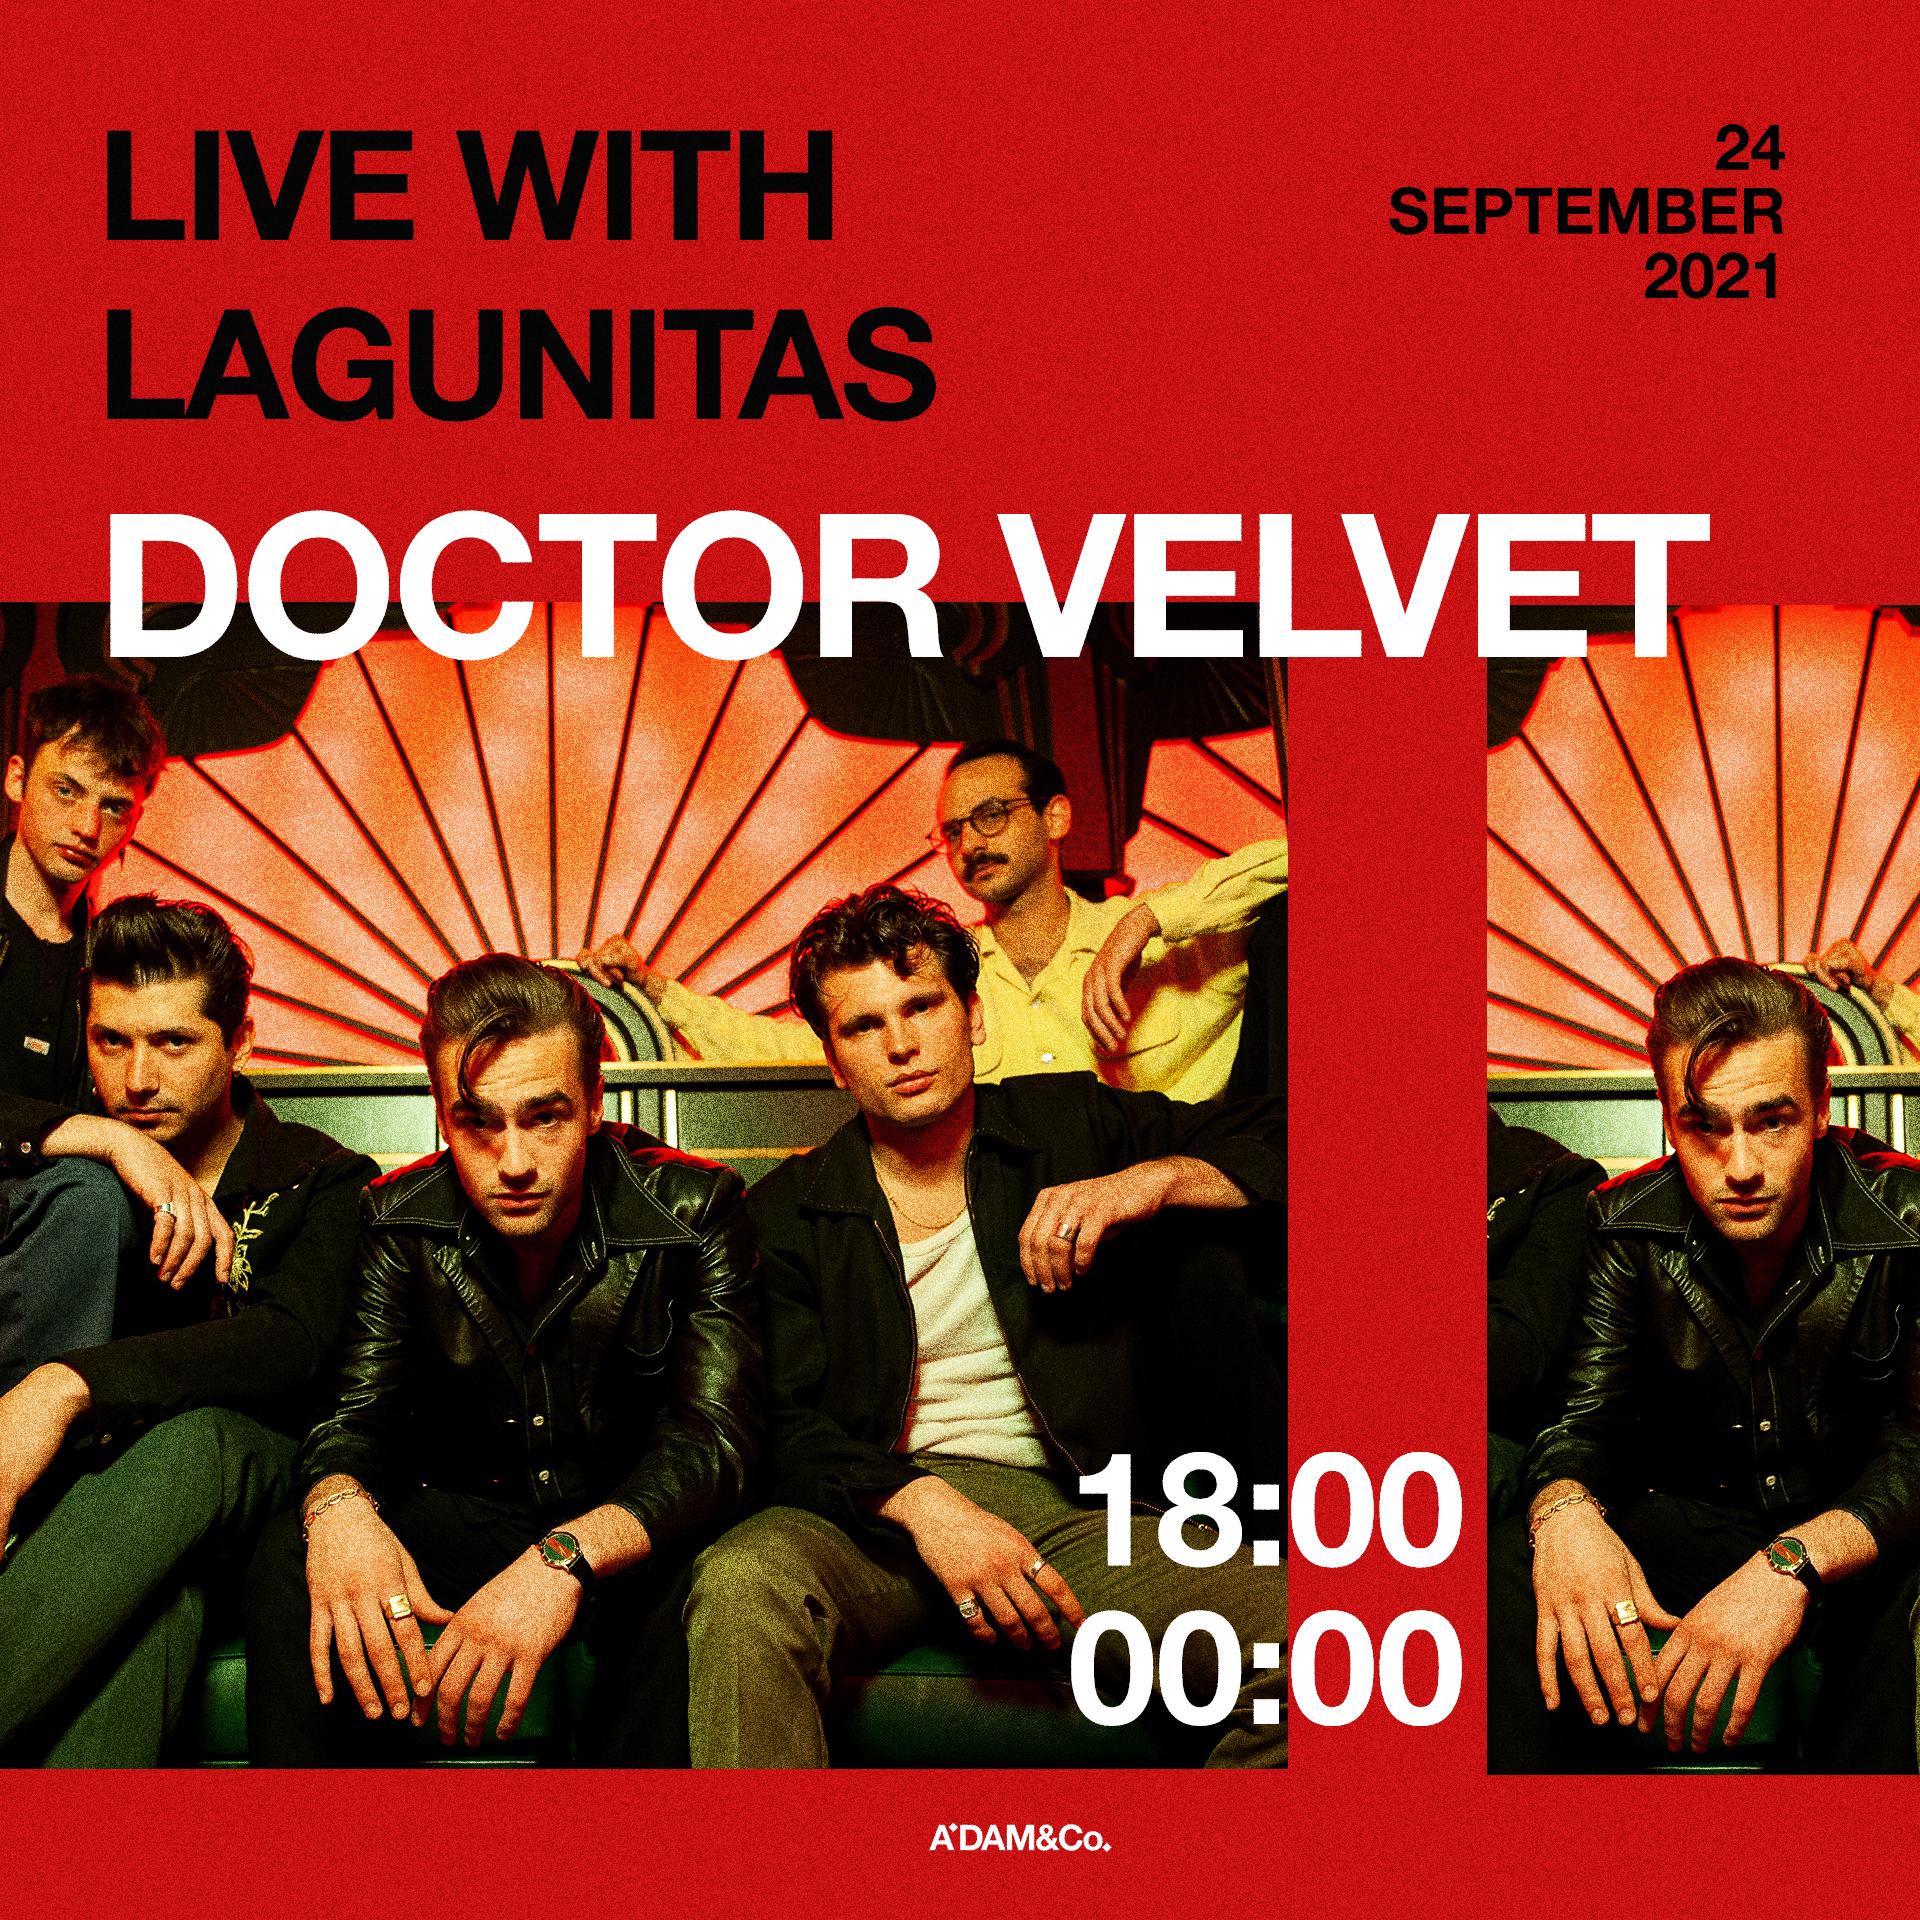 Live with Lagunitas: Doctor Velvet